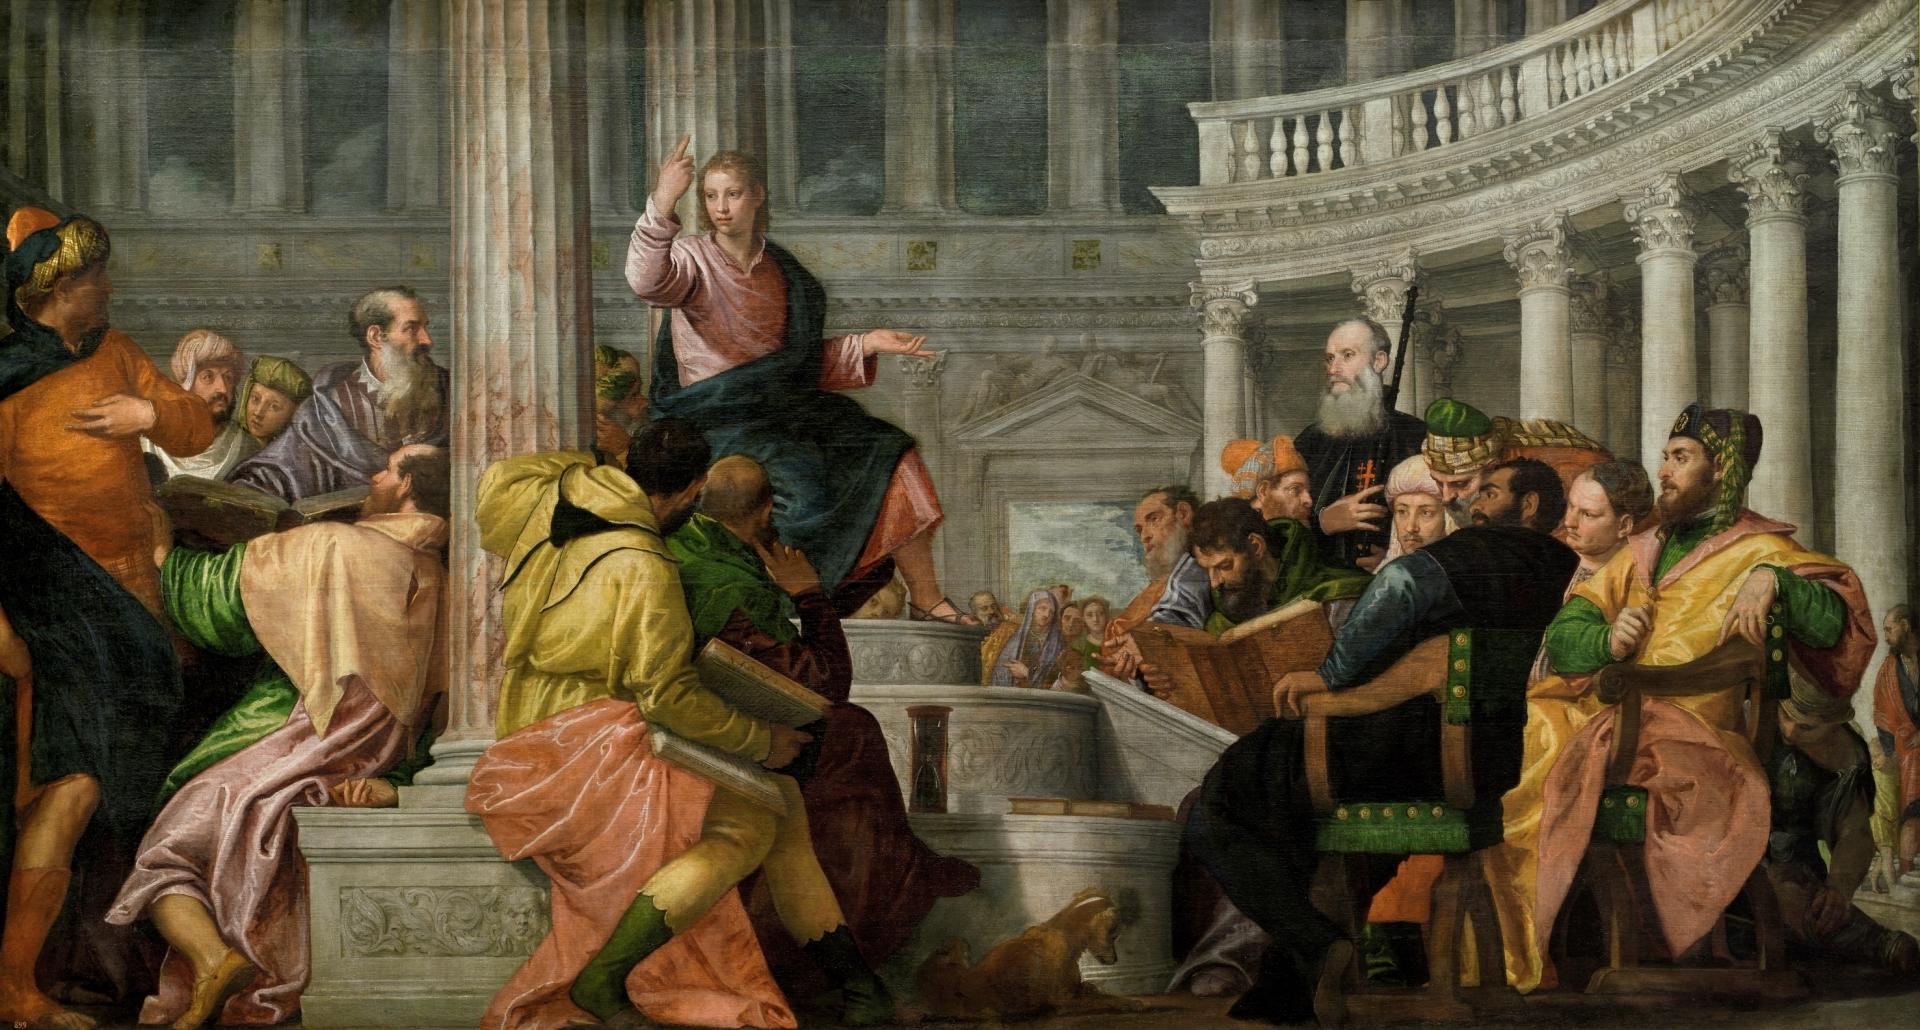 Paolo Veronés: La disputa con los doctores en el templo. Madrid, Museo Nacional del Prado.